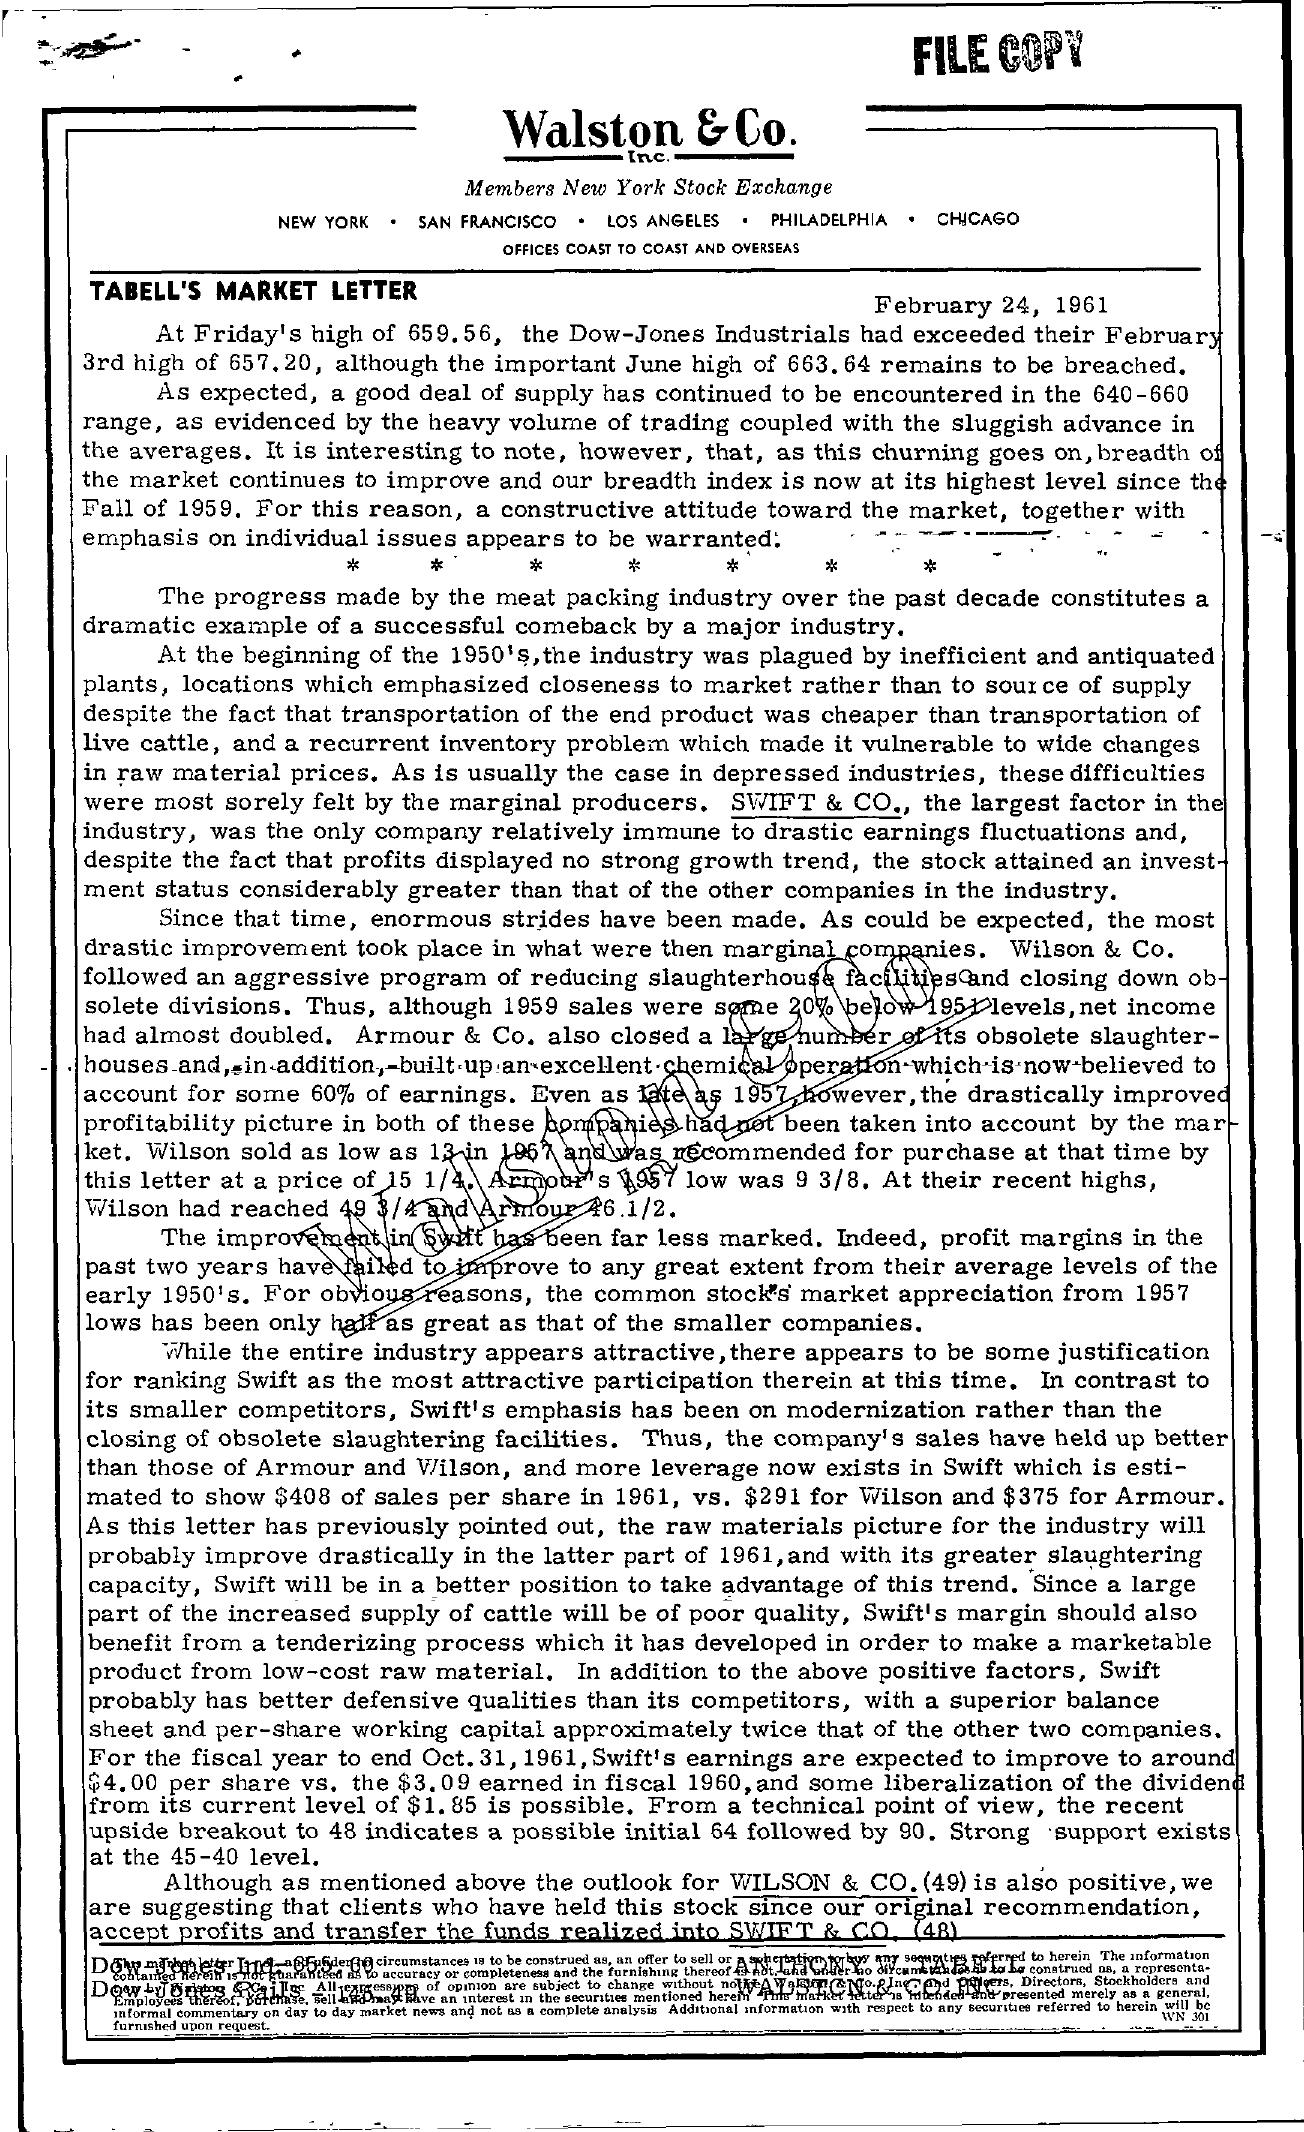 Tabell's Market Letter - February 24, 1961